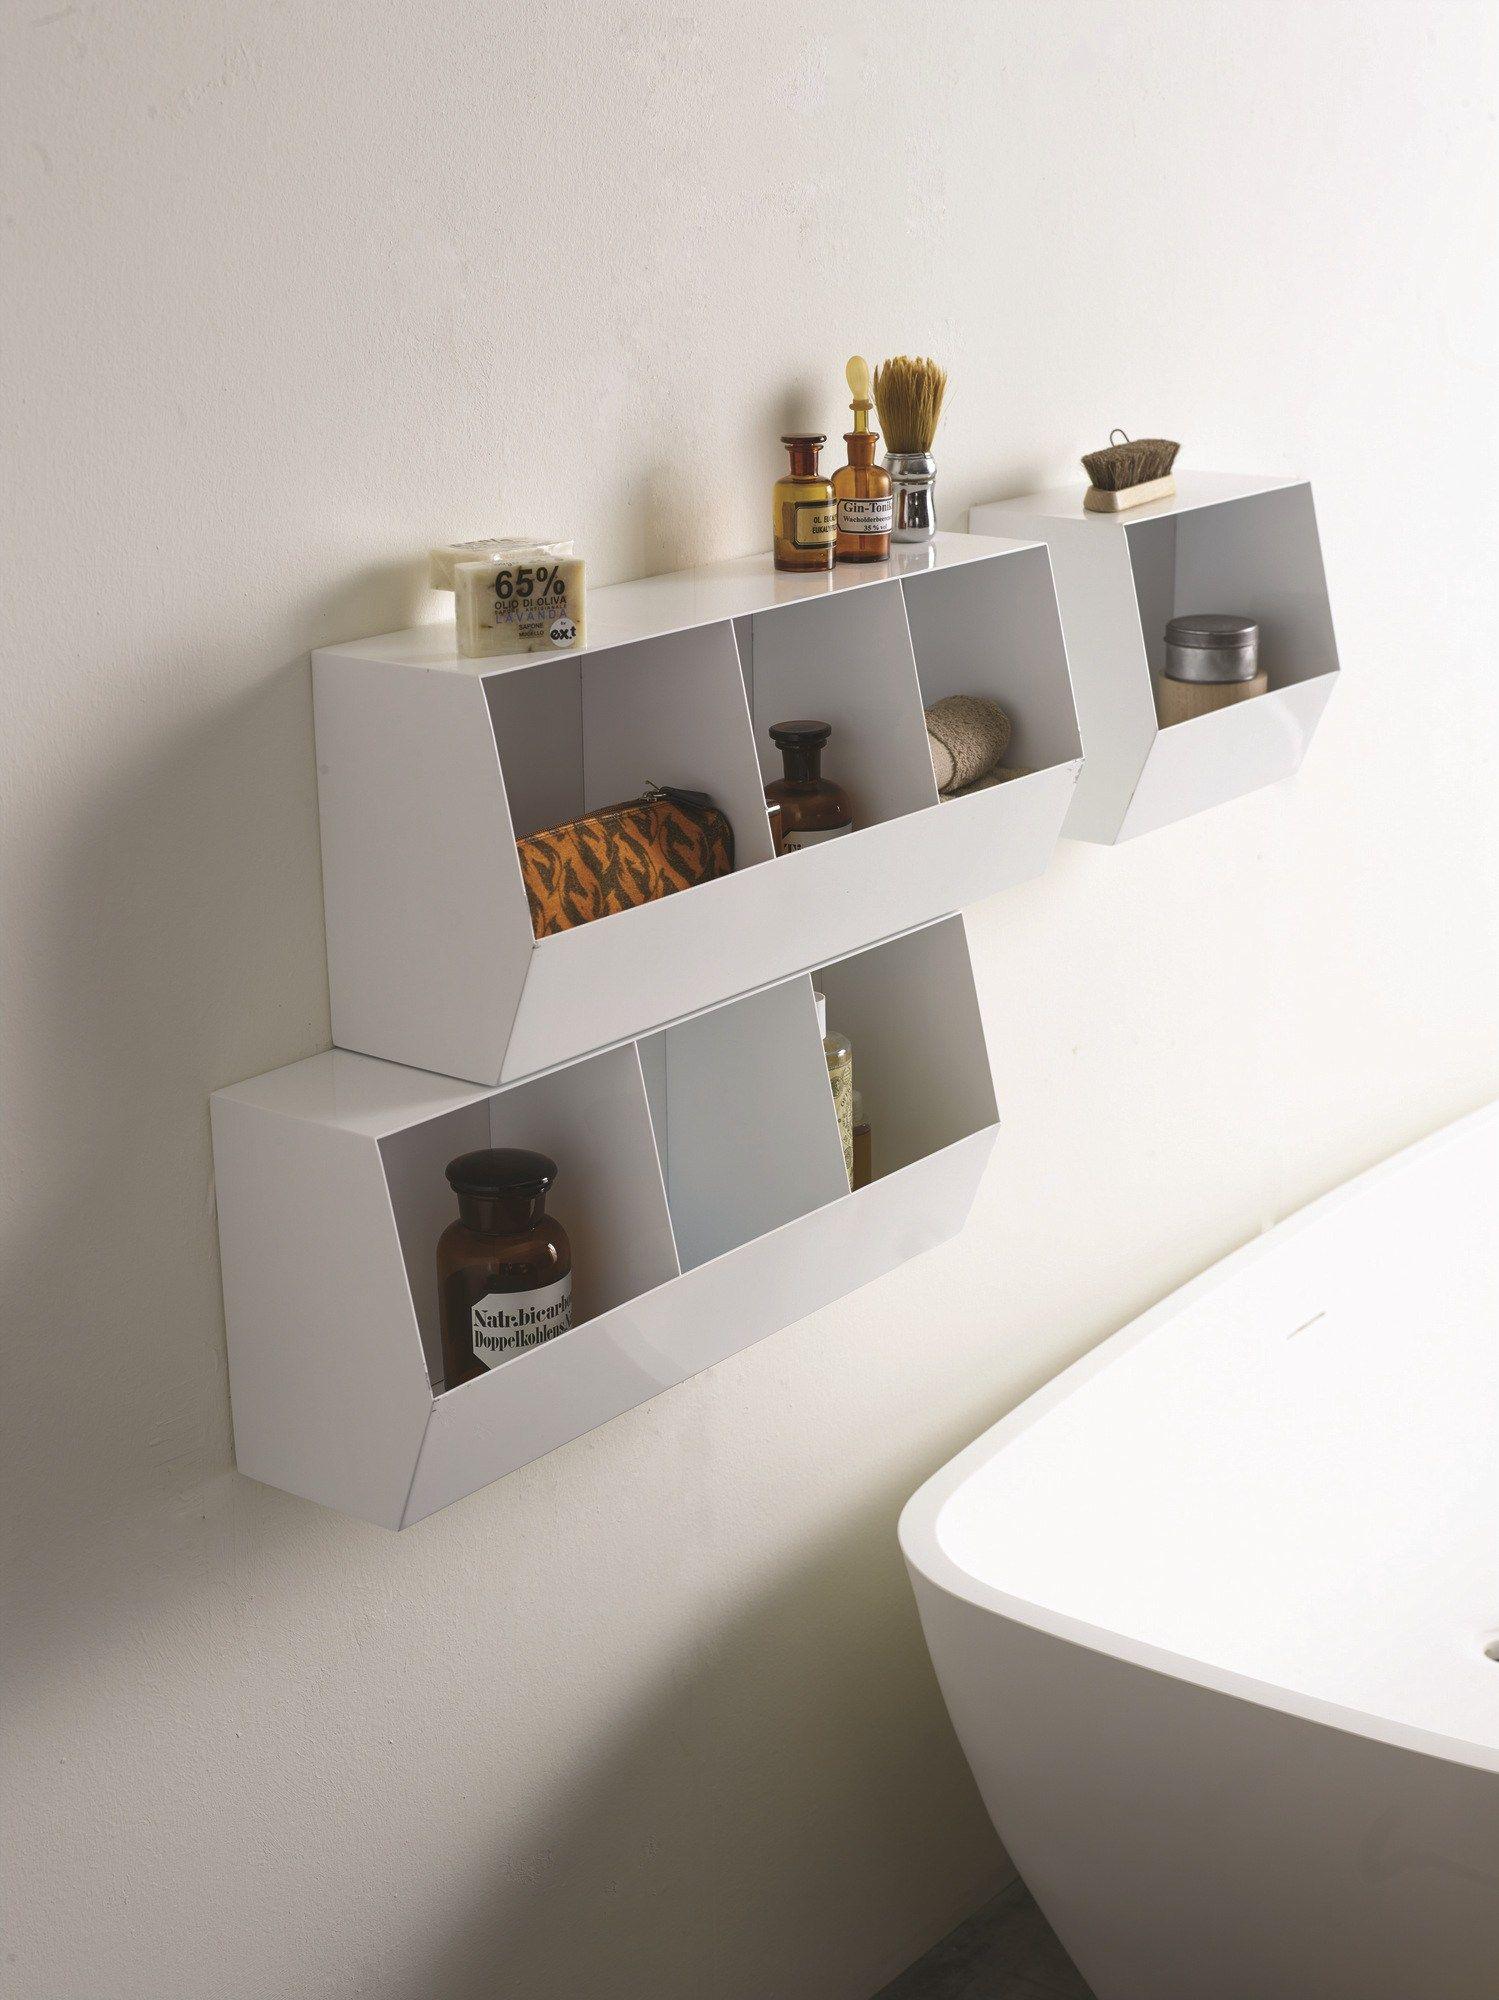 Contenitori modulari a parete in metallo verniciato container ex t - Contenitori per bagno ...